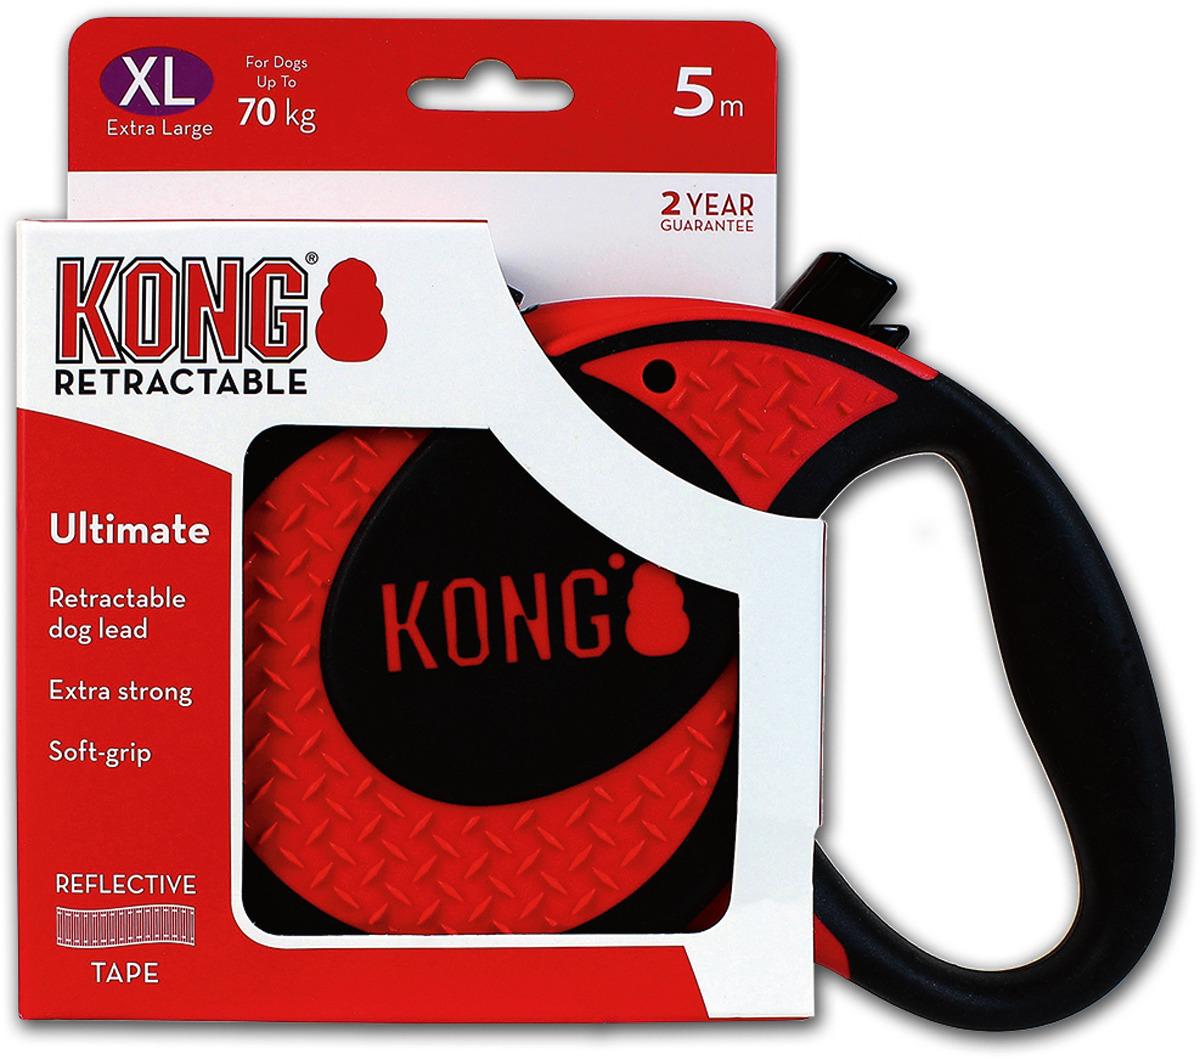 Поводок-рулетка для собак Kong Ultimate XL, цвет: красный, до 70 кг, 5 м